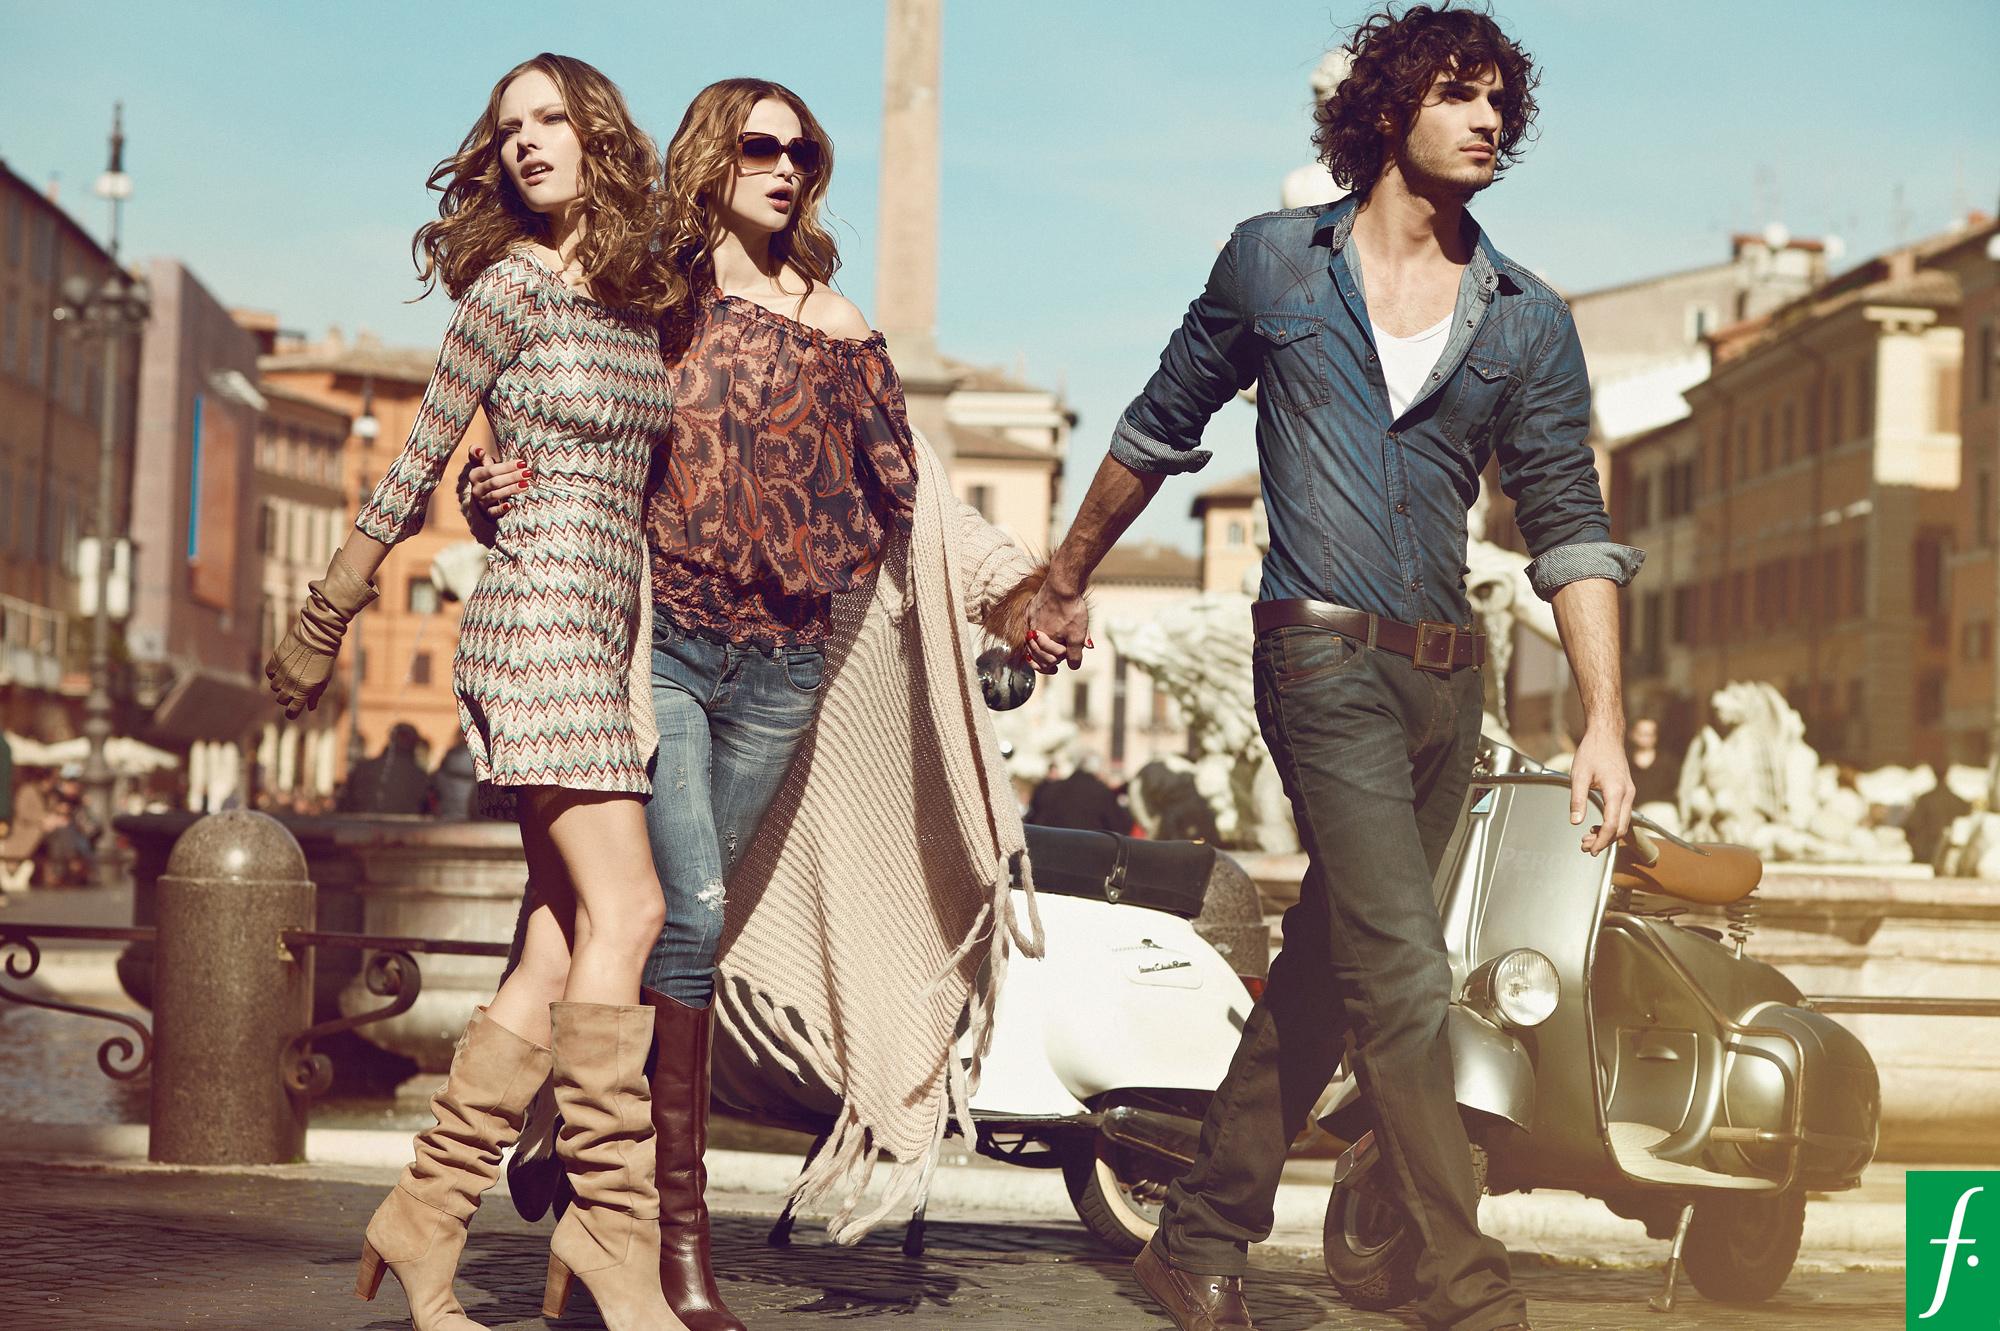 retro fashion 70u0027s fashion vintage and retro clothing offers many benefits ... PCXOLWV